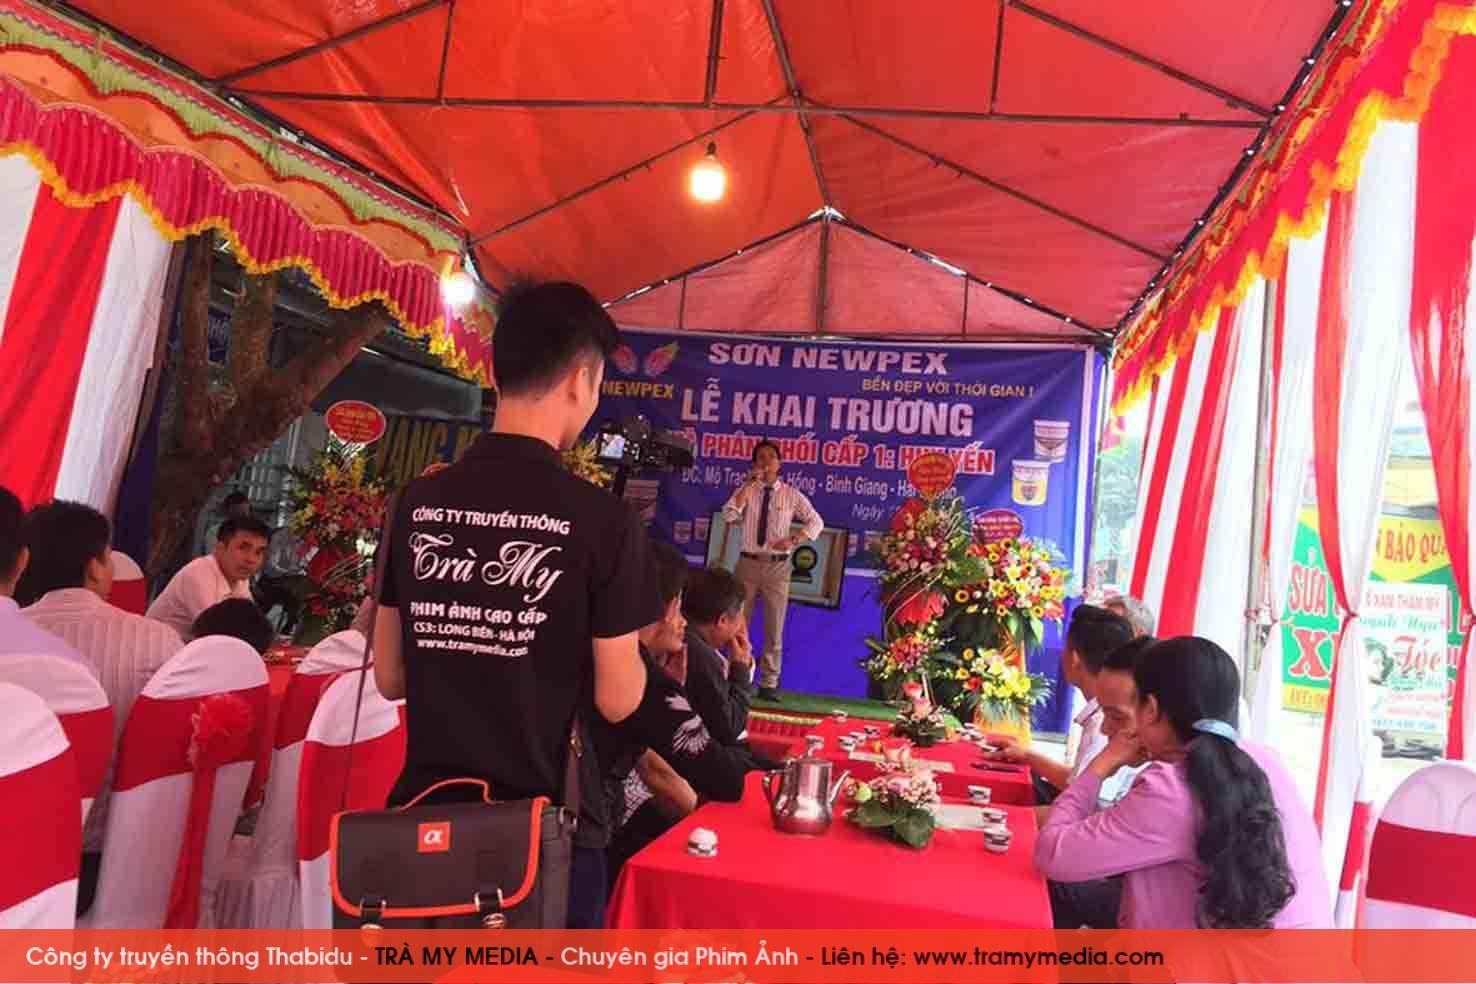 QUAY PHIM KHAI TRUONG TAI HAI DUONG 3